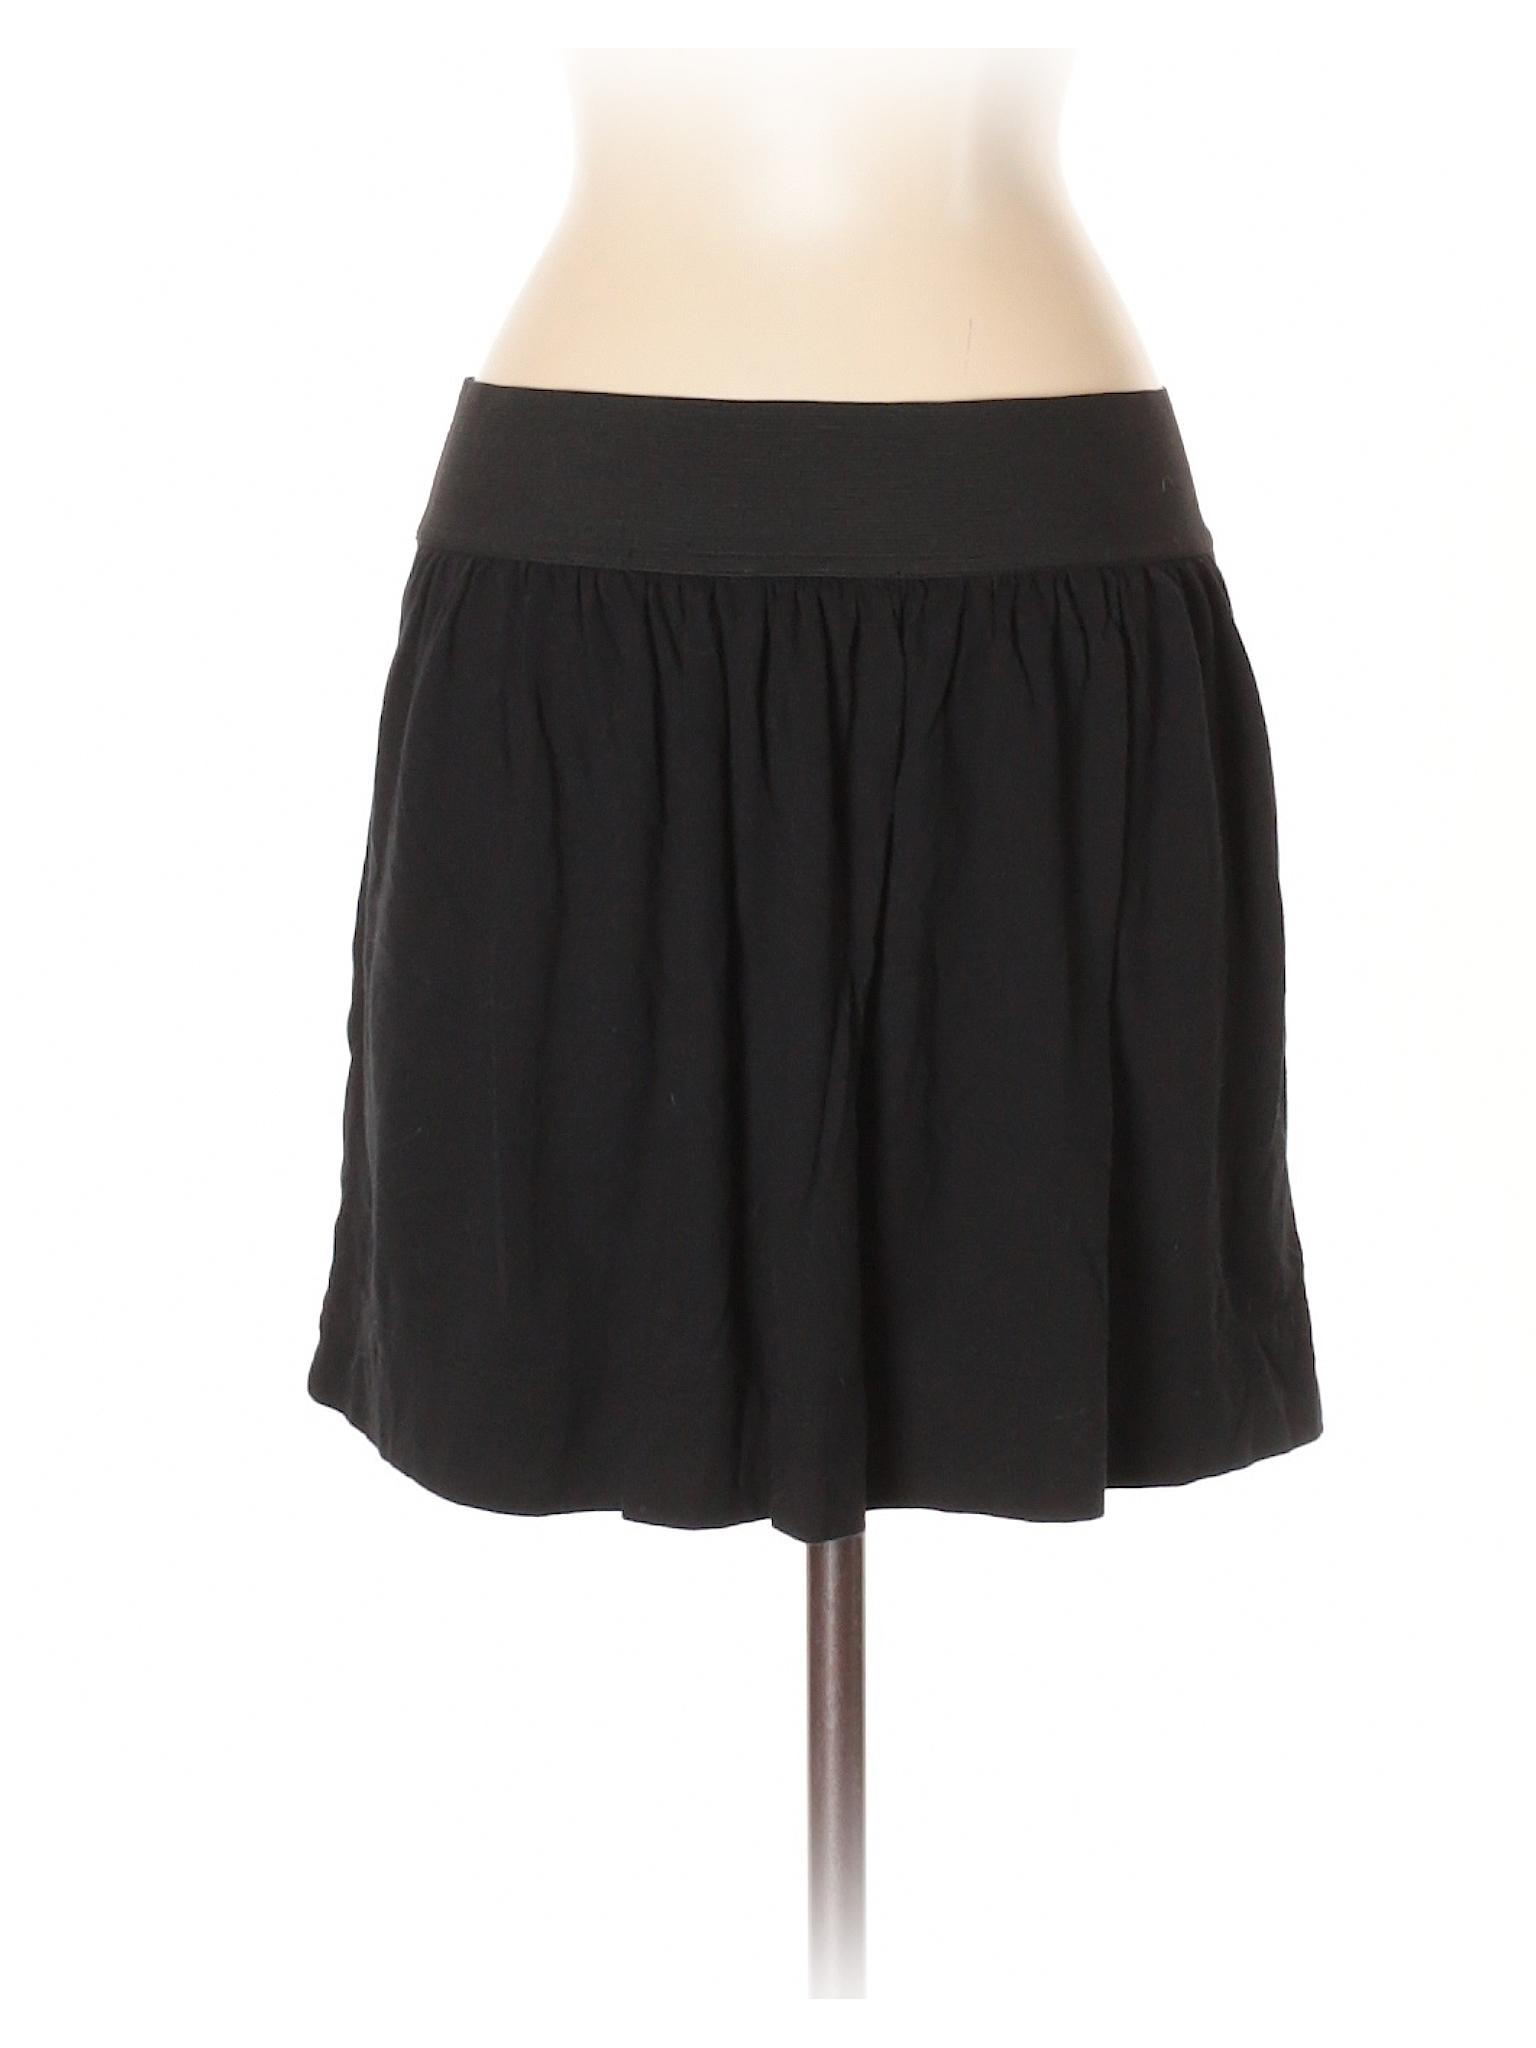 leisure leisure Skirt Skirt Express Casual Boutique Casual Express Boutique leisure Boutique OqRB7FR16